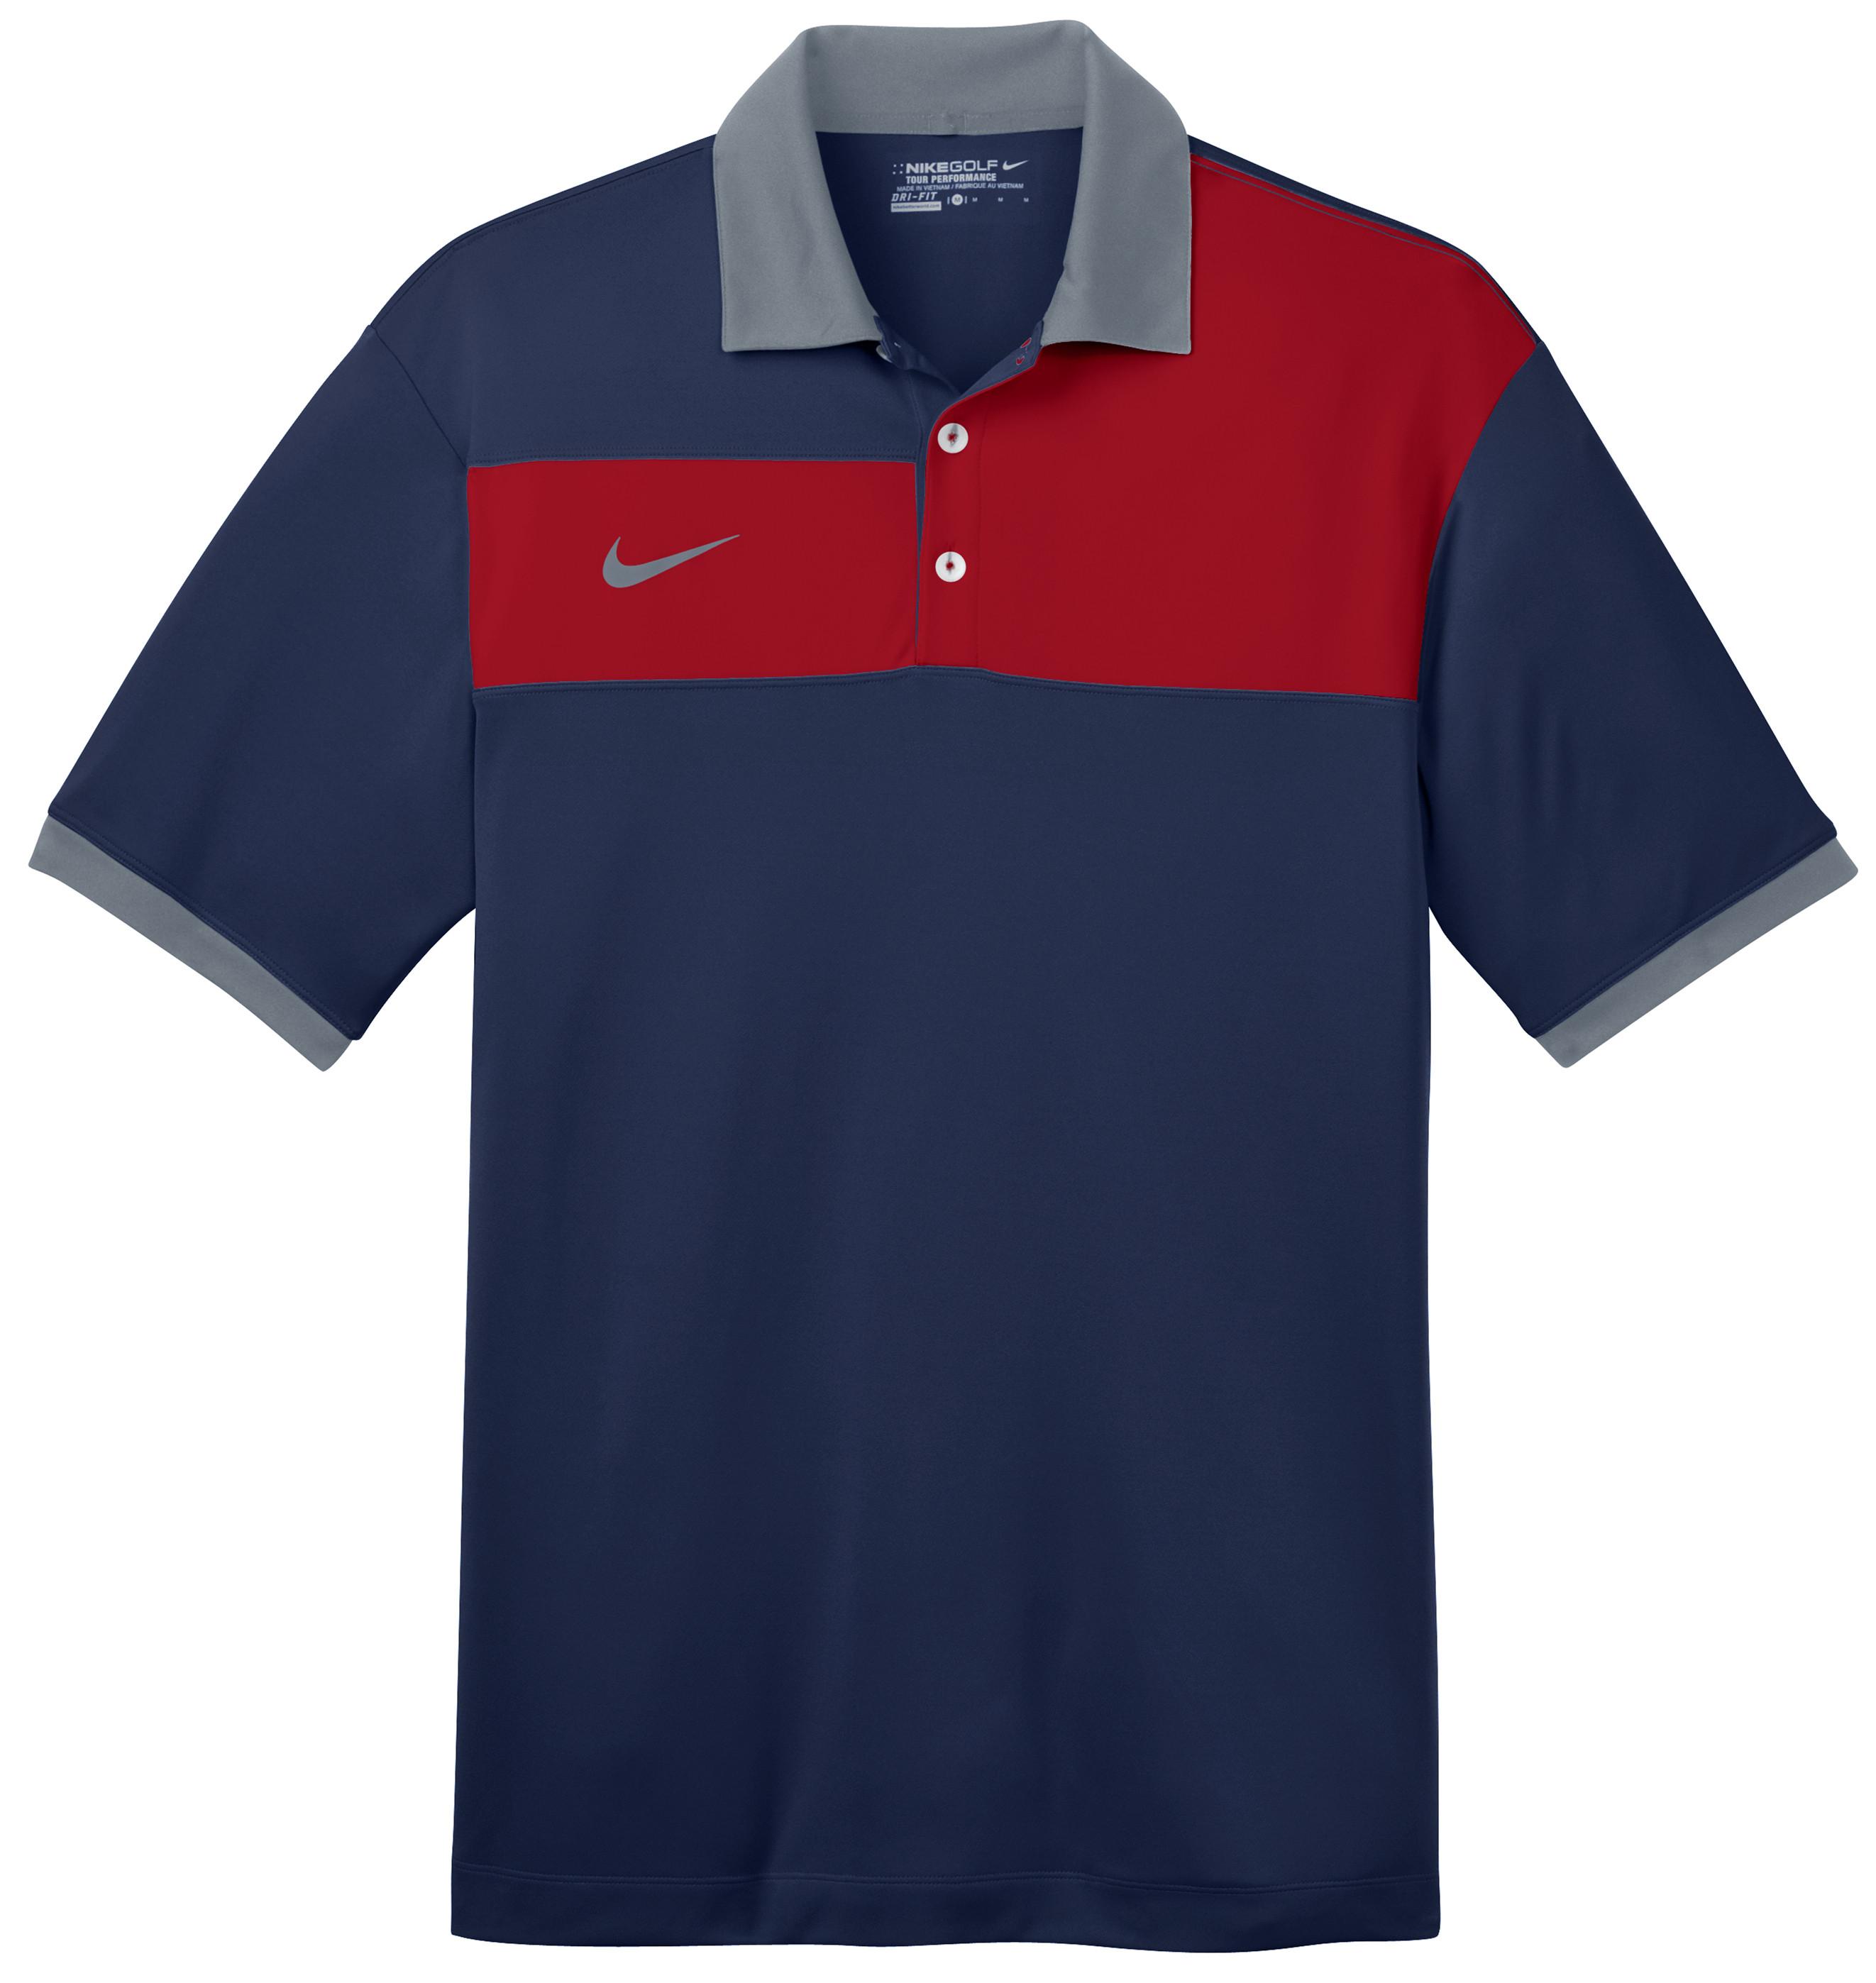 Billiard Logo Back Shirts